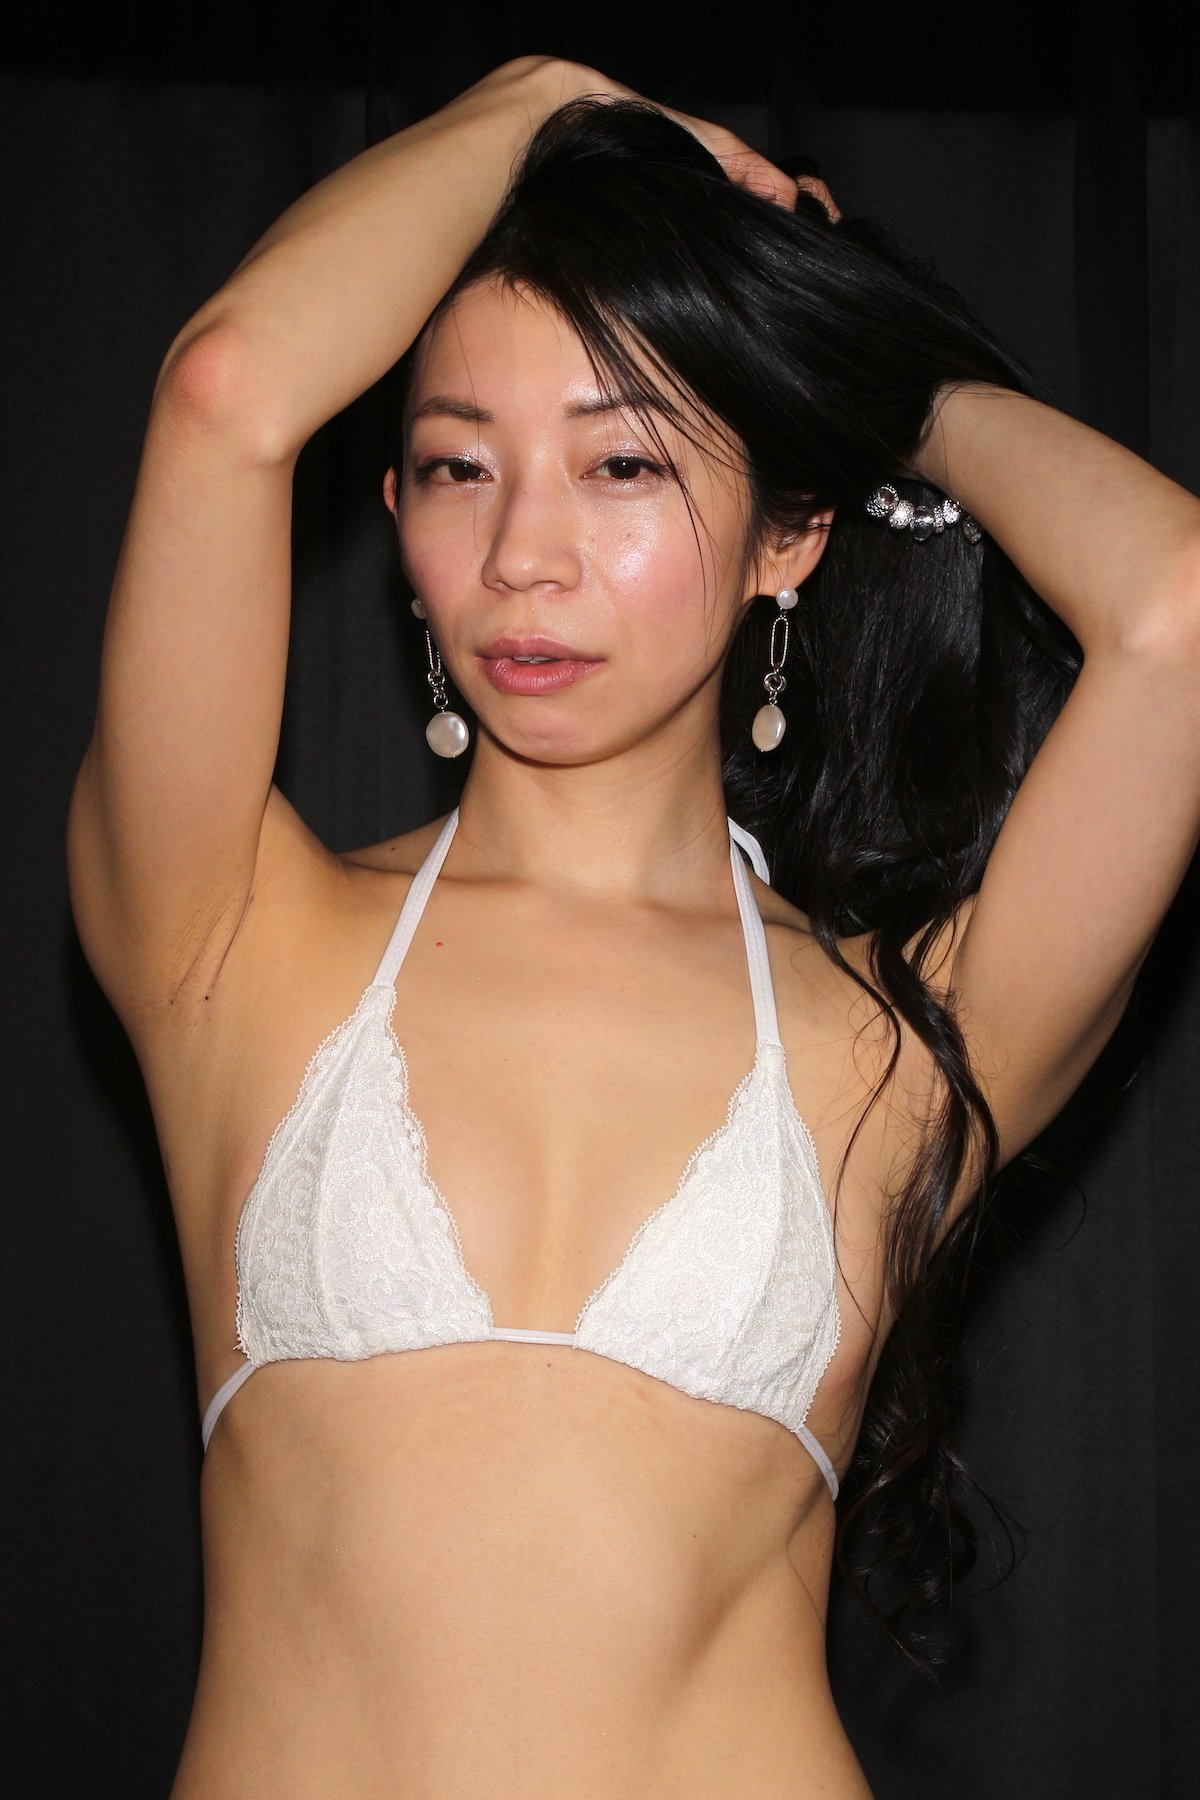 岩崎真奈「ベンチの縁にこすったり」私史上最高にセクシー【画像50枚】の画像017